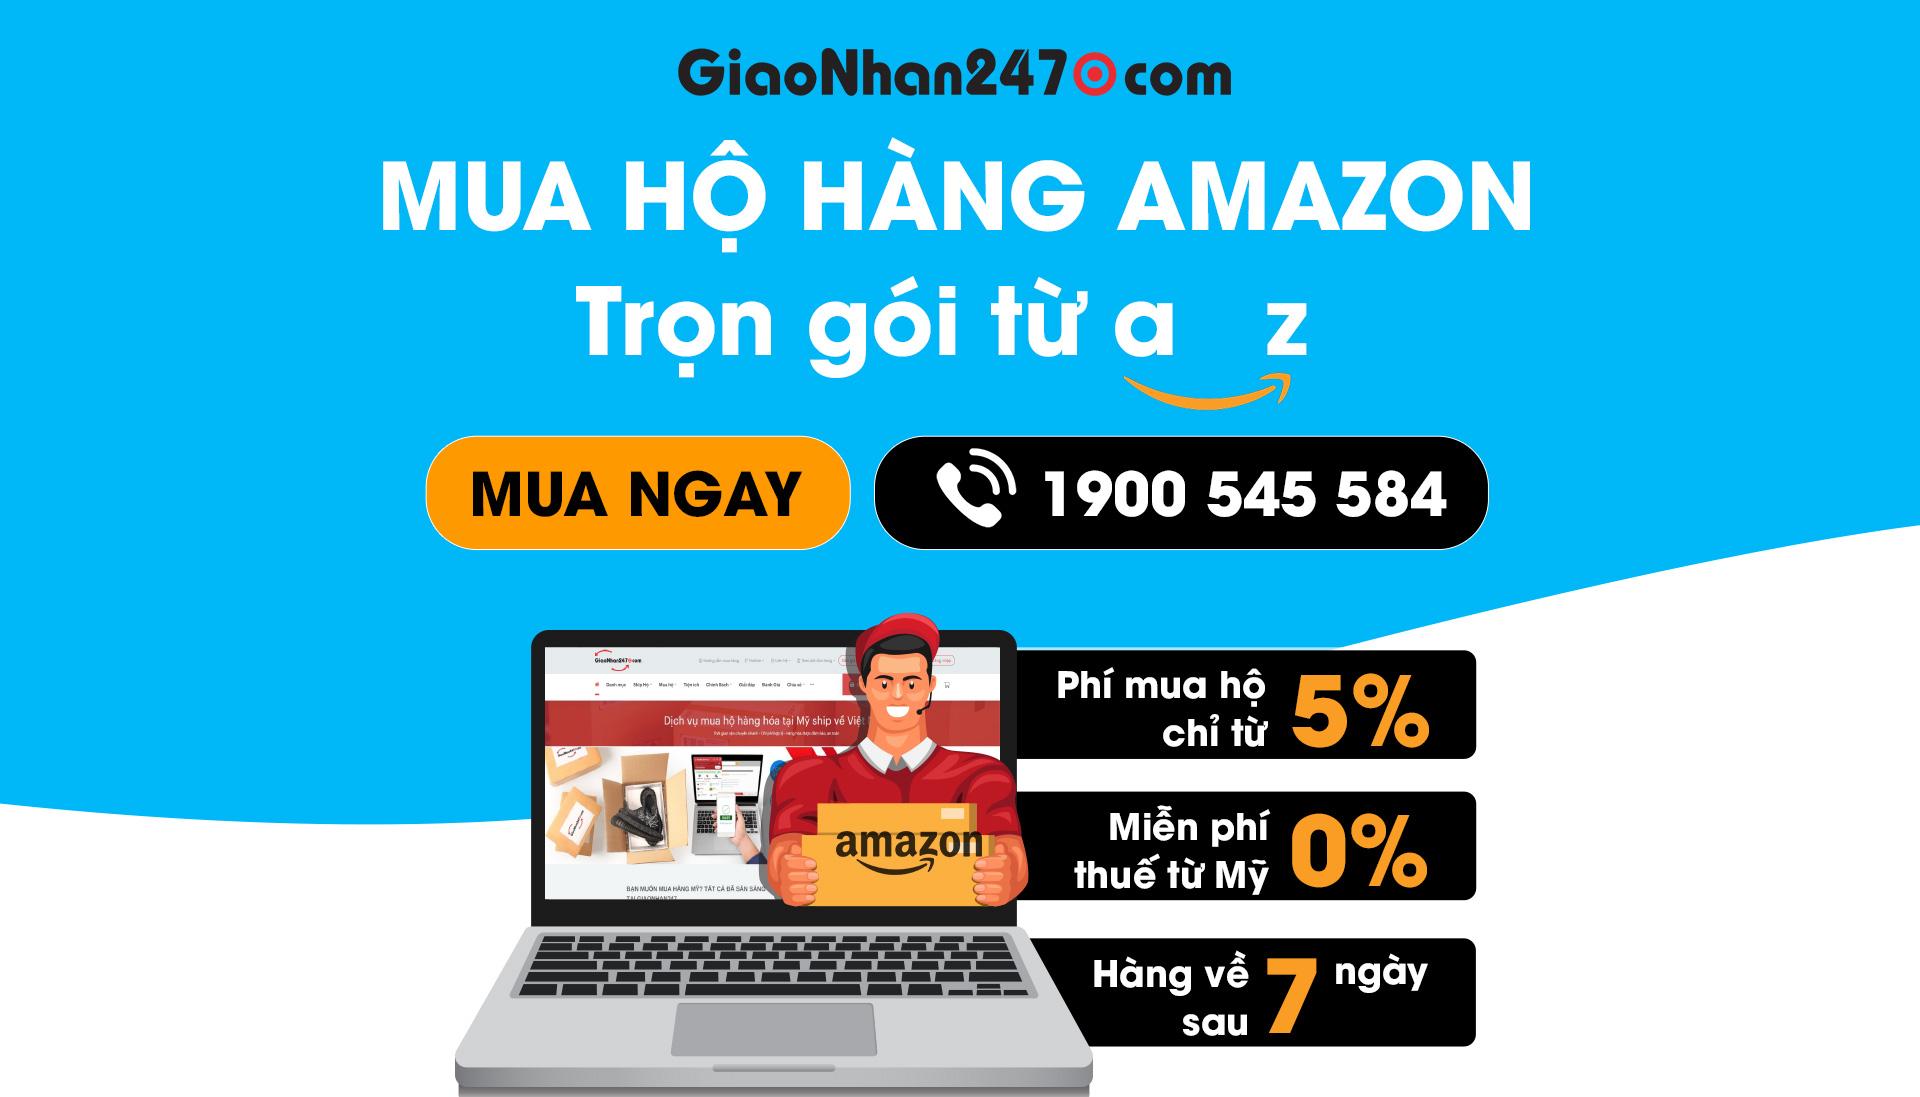 mua-ho-hang-hoa-tu-amazon-ship-ve-vietnam